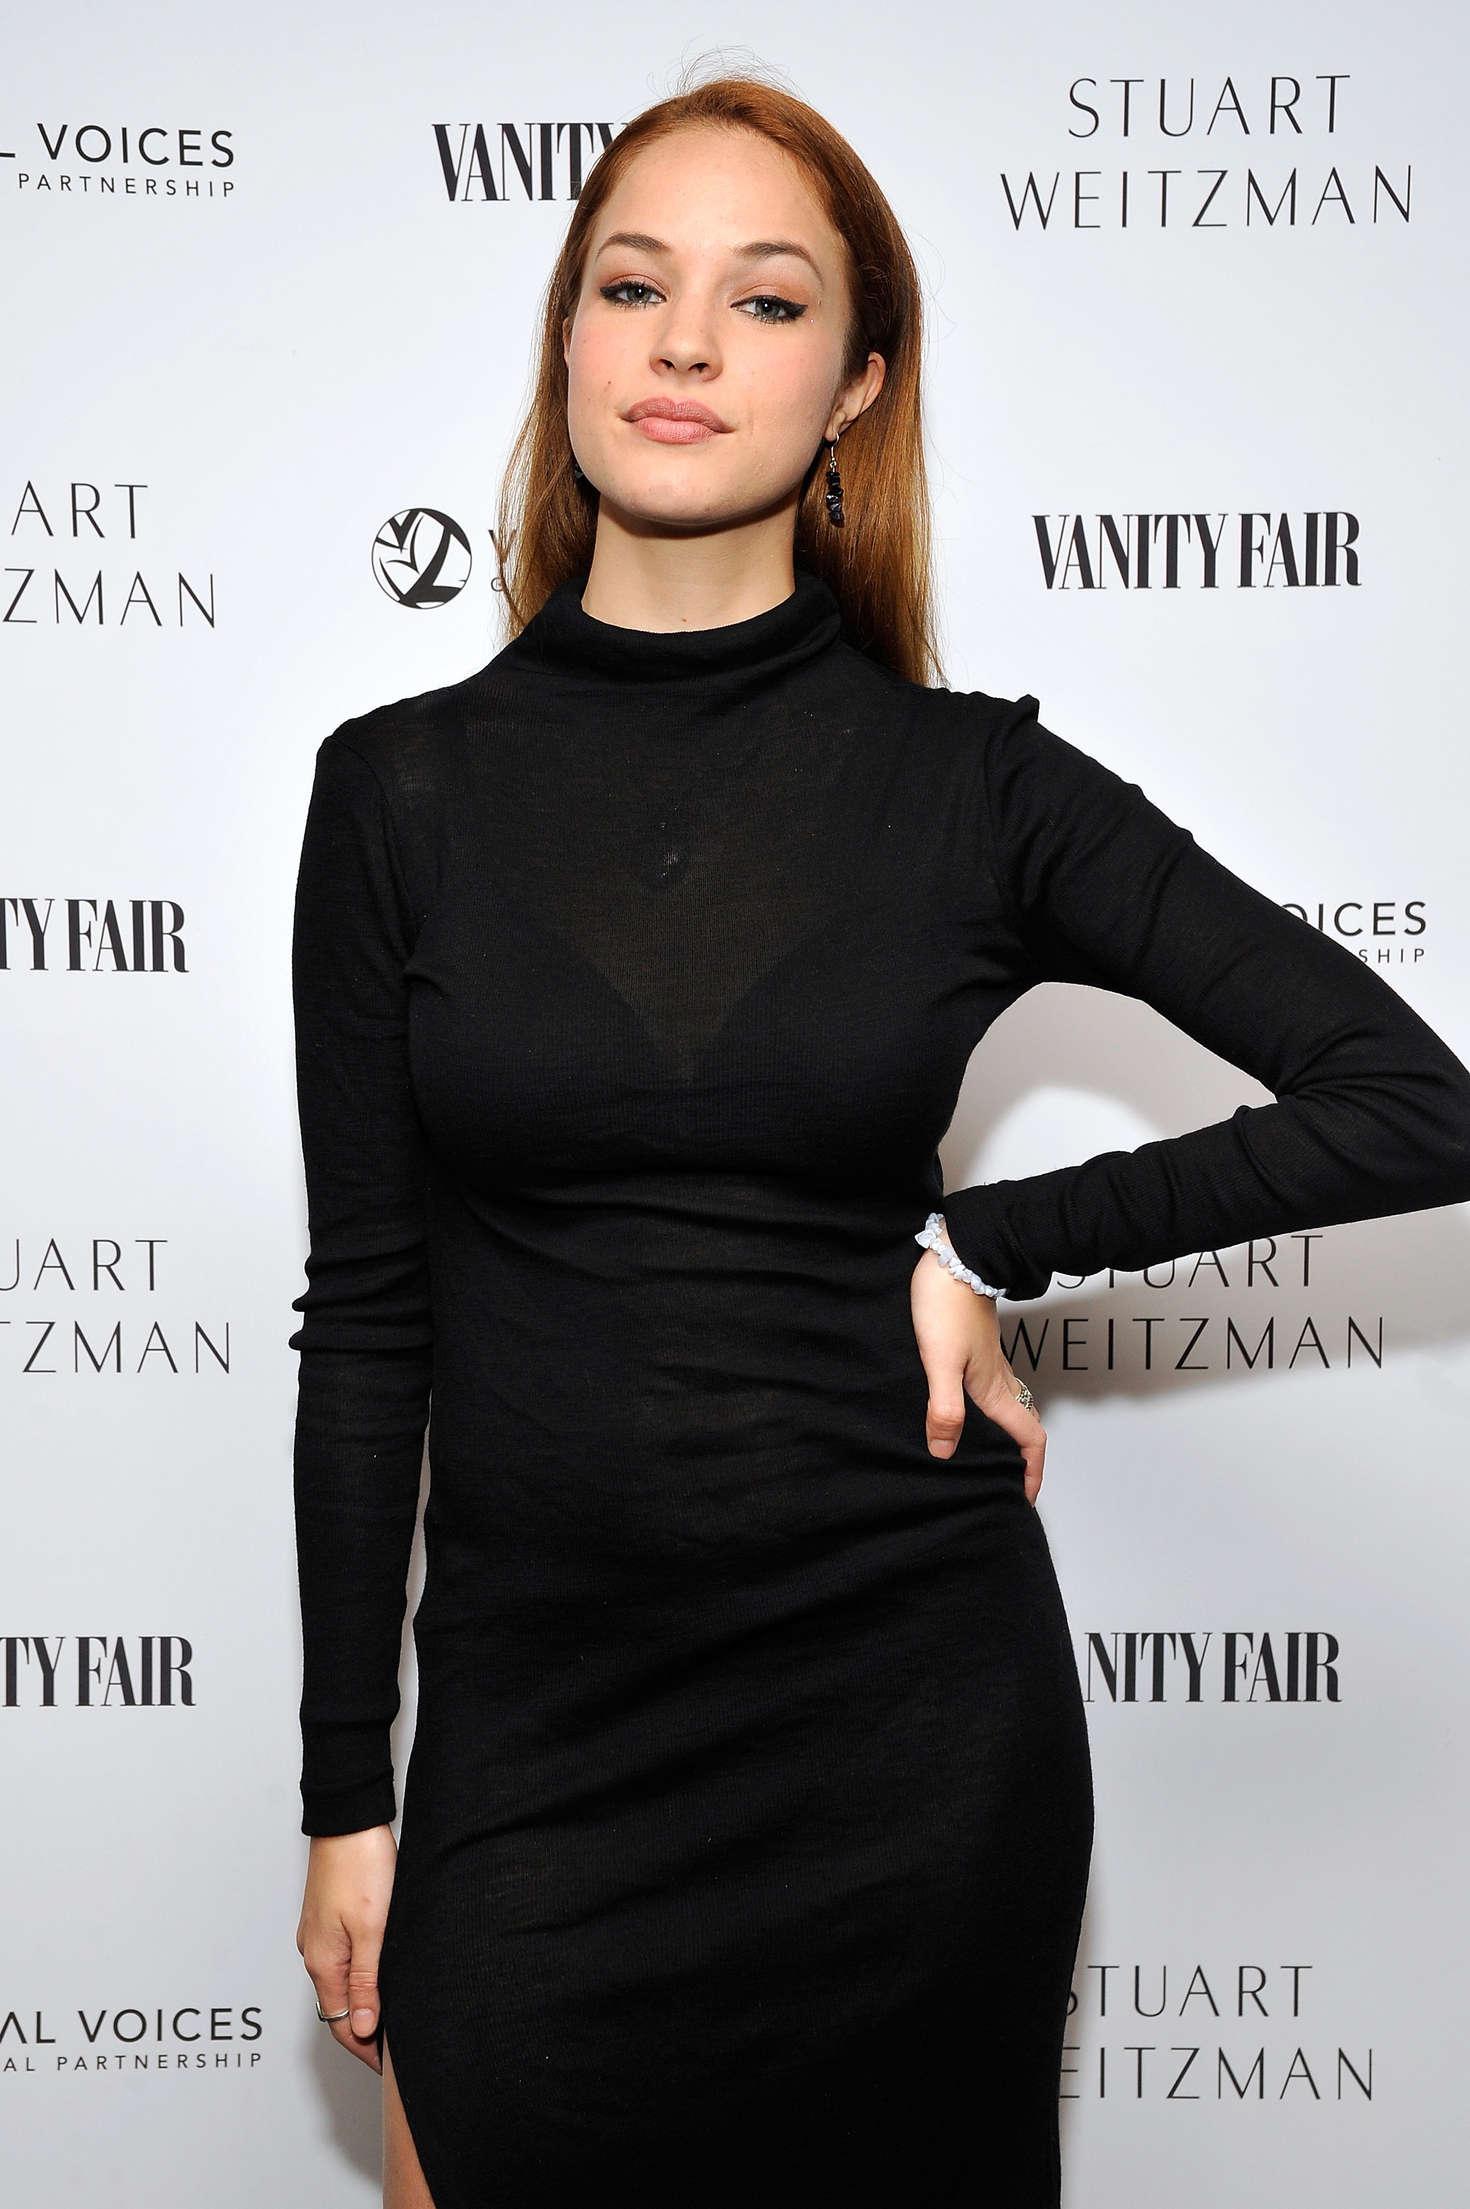 Alexis Knapp Vanity Fair And Stuart Weitzman Luncheon To Celebrate Elizabeth Banks In La